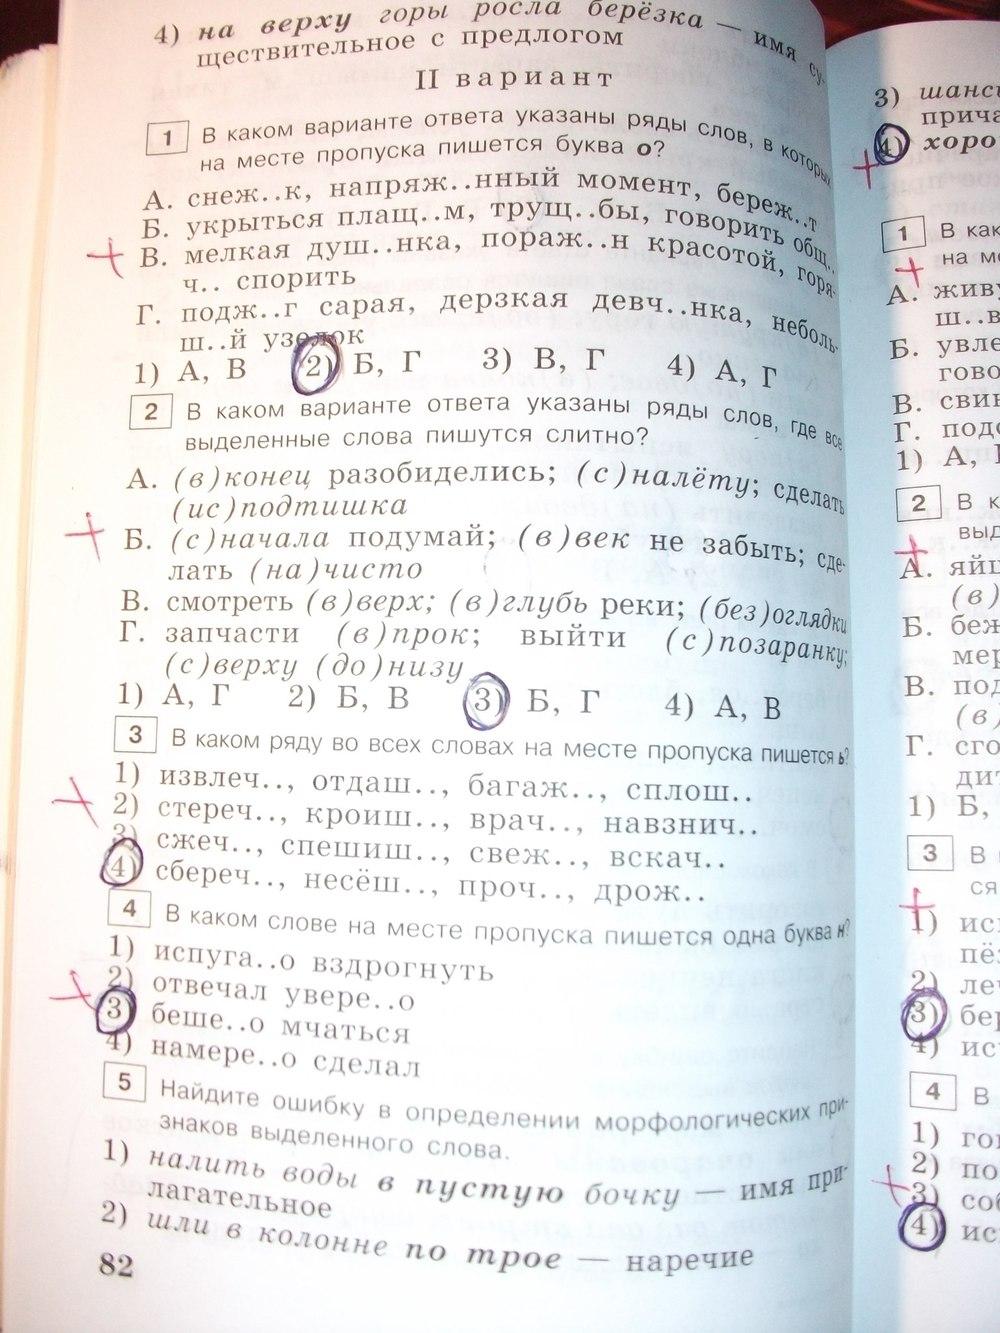 Ответы на тестовые задания по русскому языку 8 класс богданова